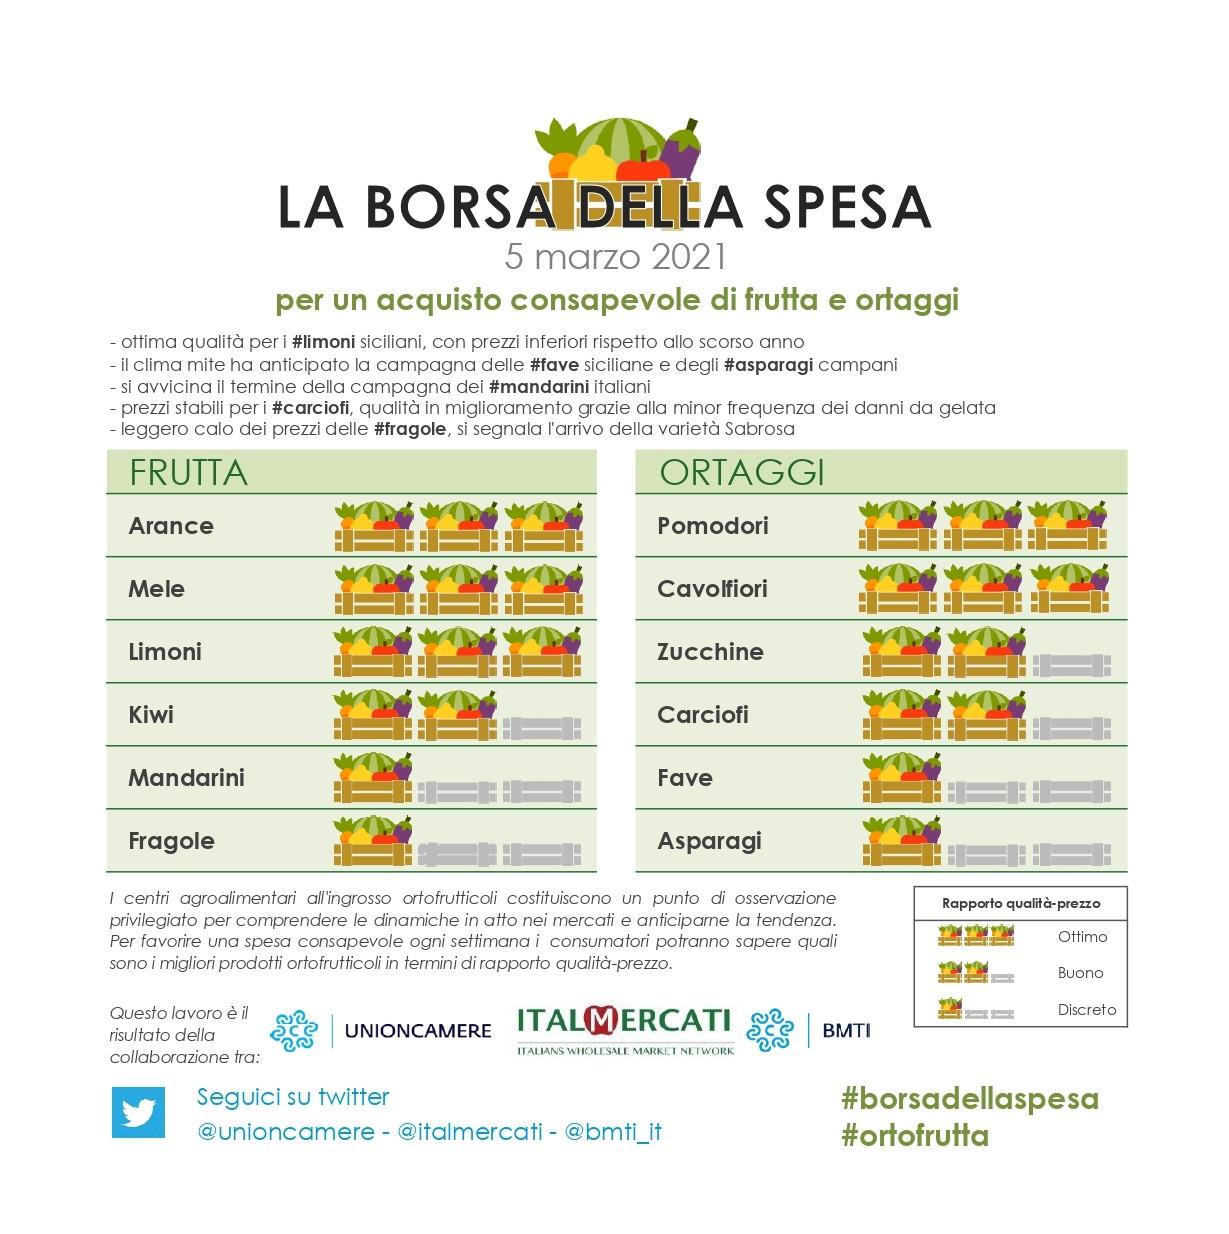 Nella #borsadellaspesa di #ortofrutta di questa settimana: #arance rosse, #mele, #limoni, #pomodori, #cavolfiori - 5 marzo